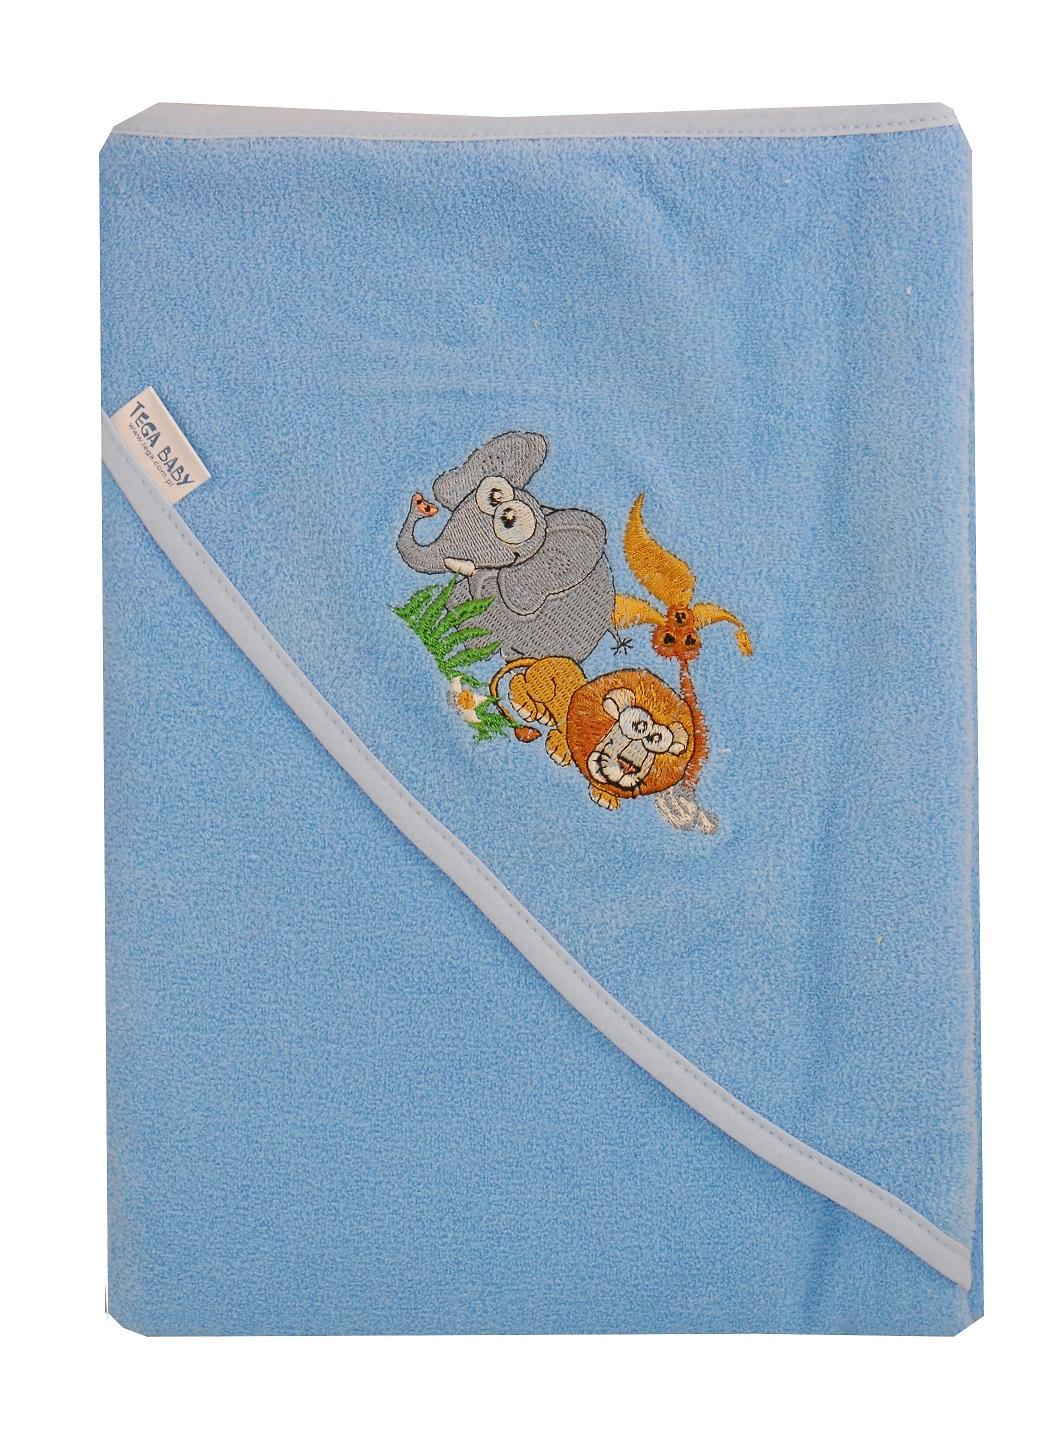 Bawełniane okrycie kąpielowe 80x80 cm Tega Baby z kolekcji Safari Niebieski